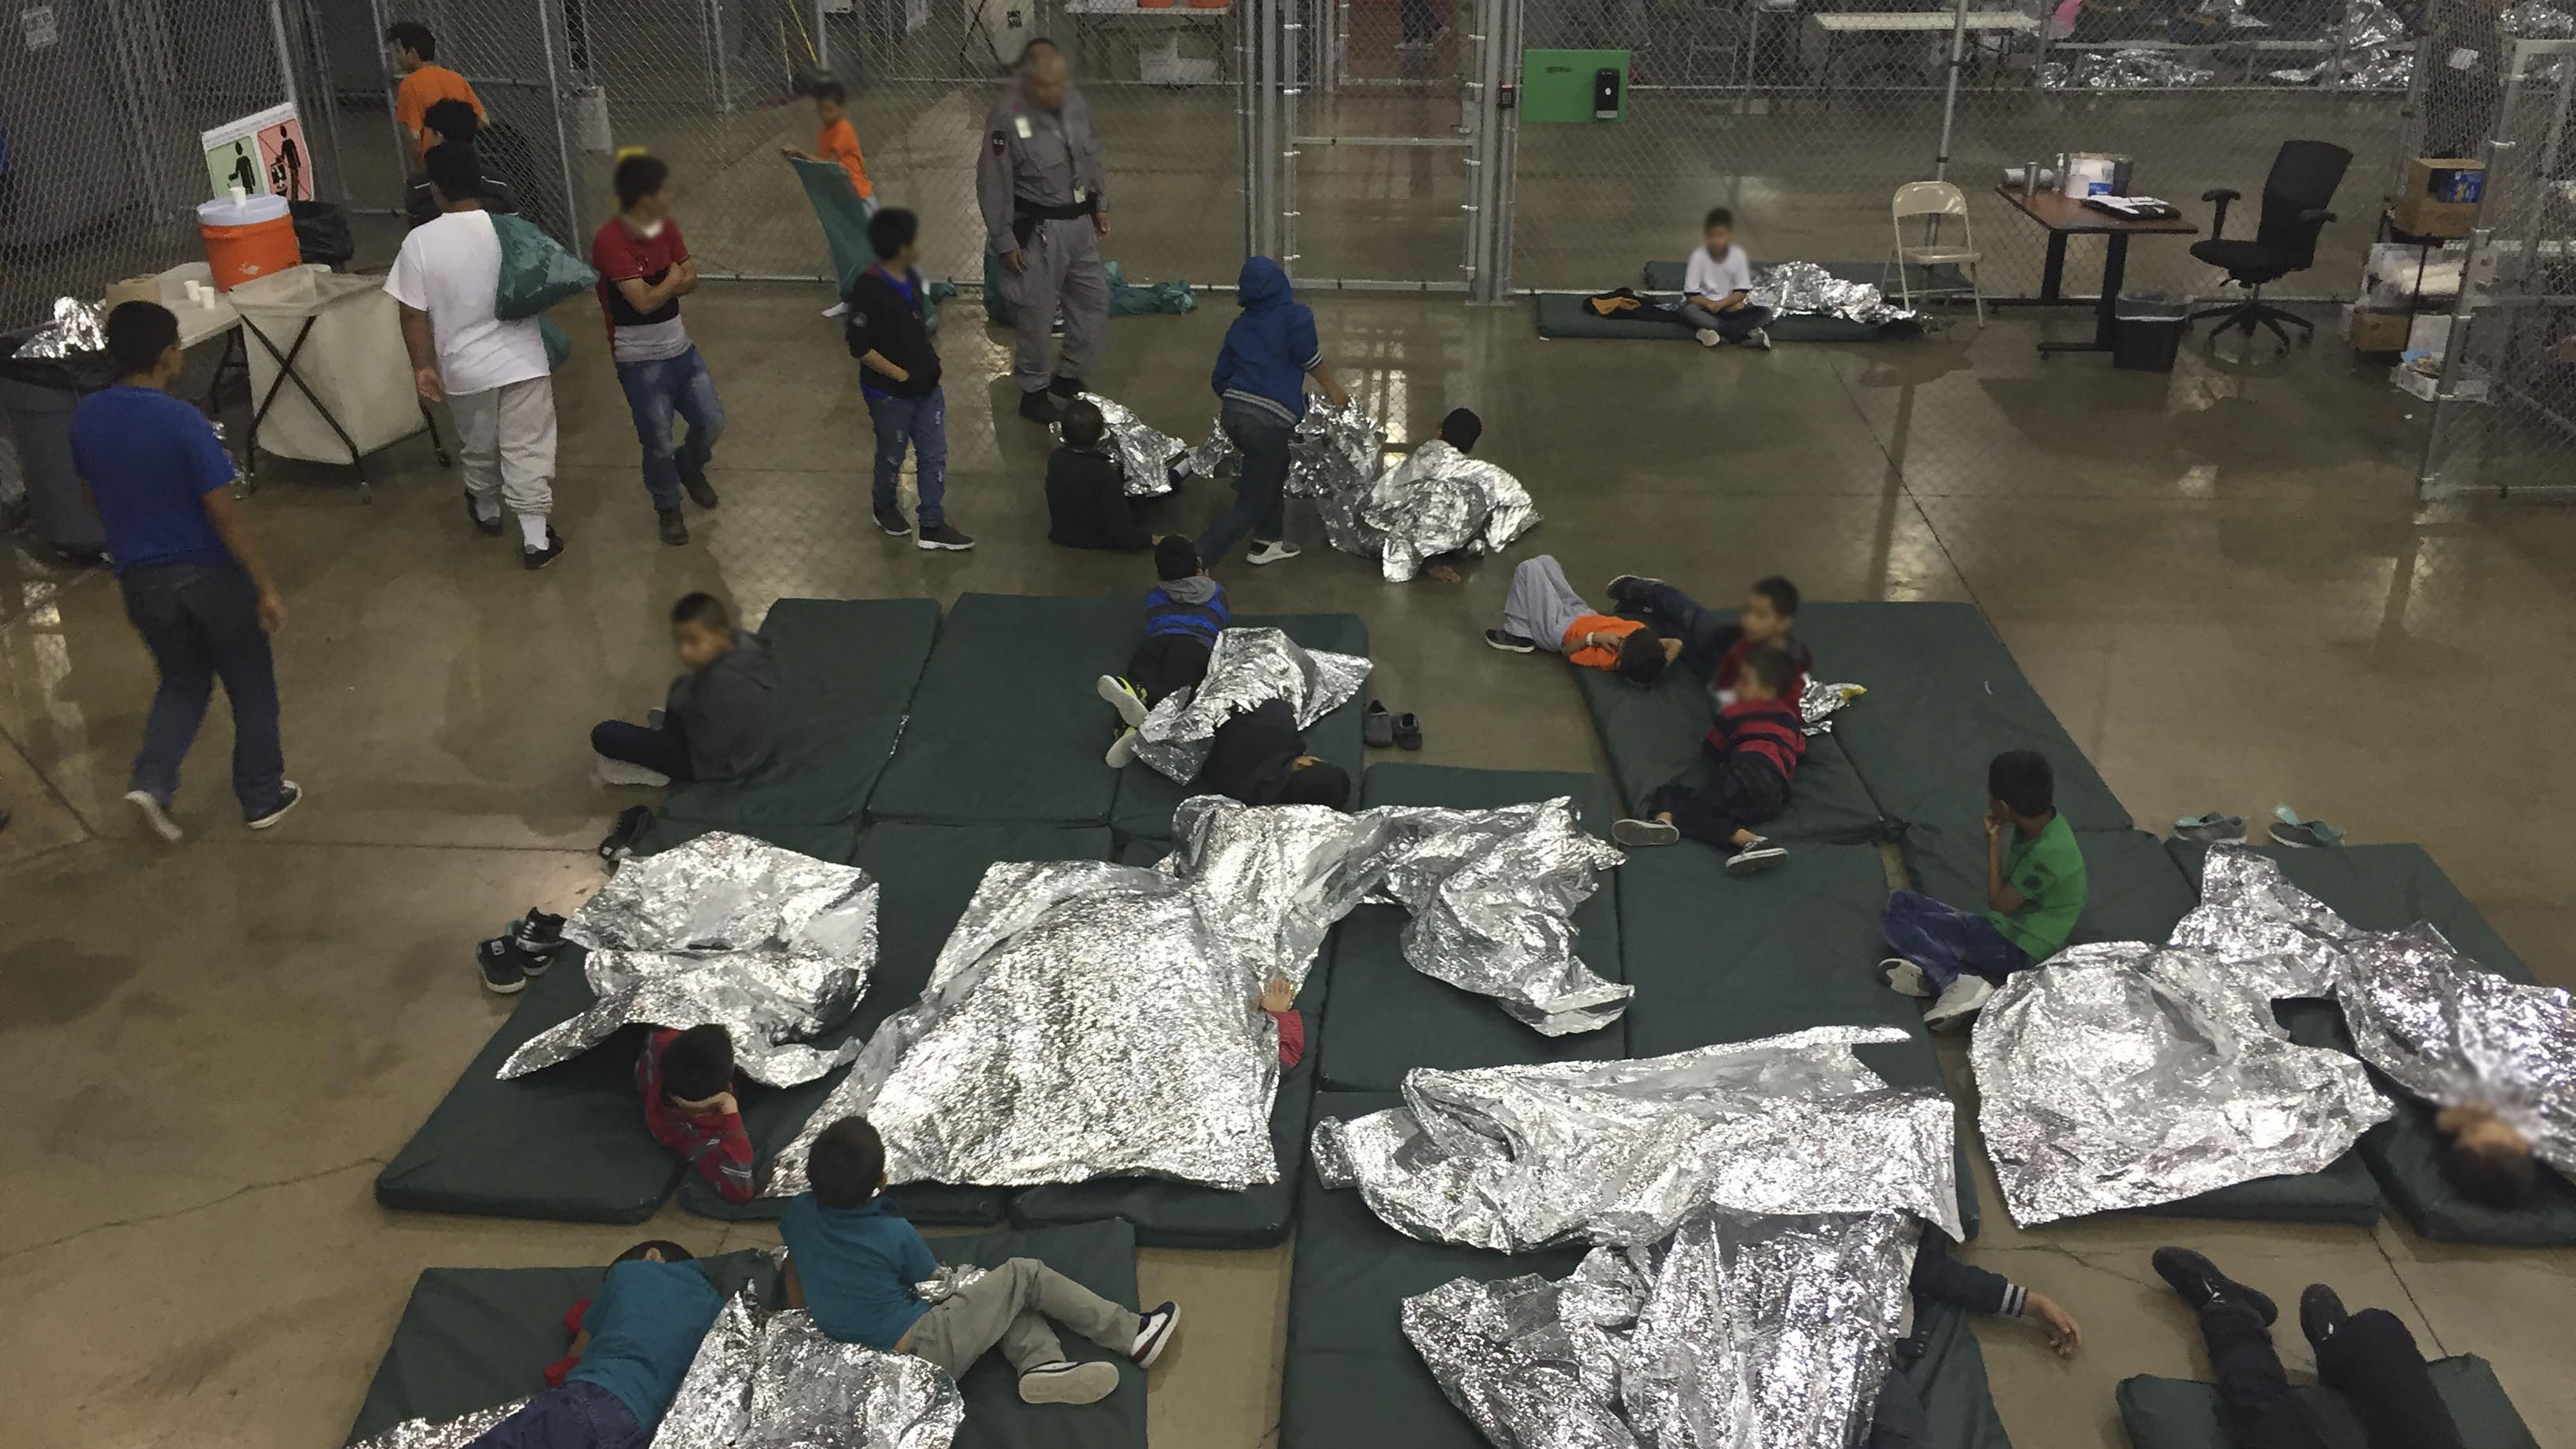 Encierro en jaulas, llanto de niños… así separa EU a familias migrantes